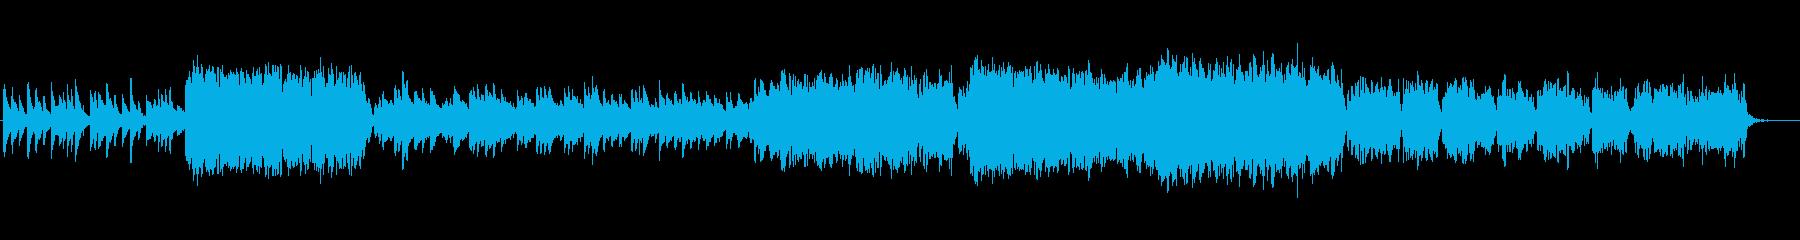 切なく壮大なインスト曲の再生済みの波形